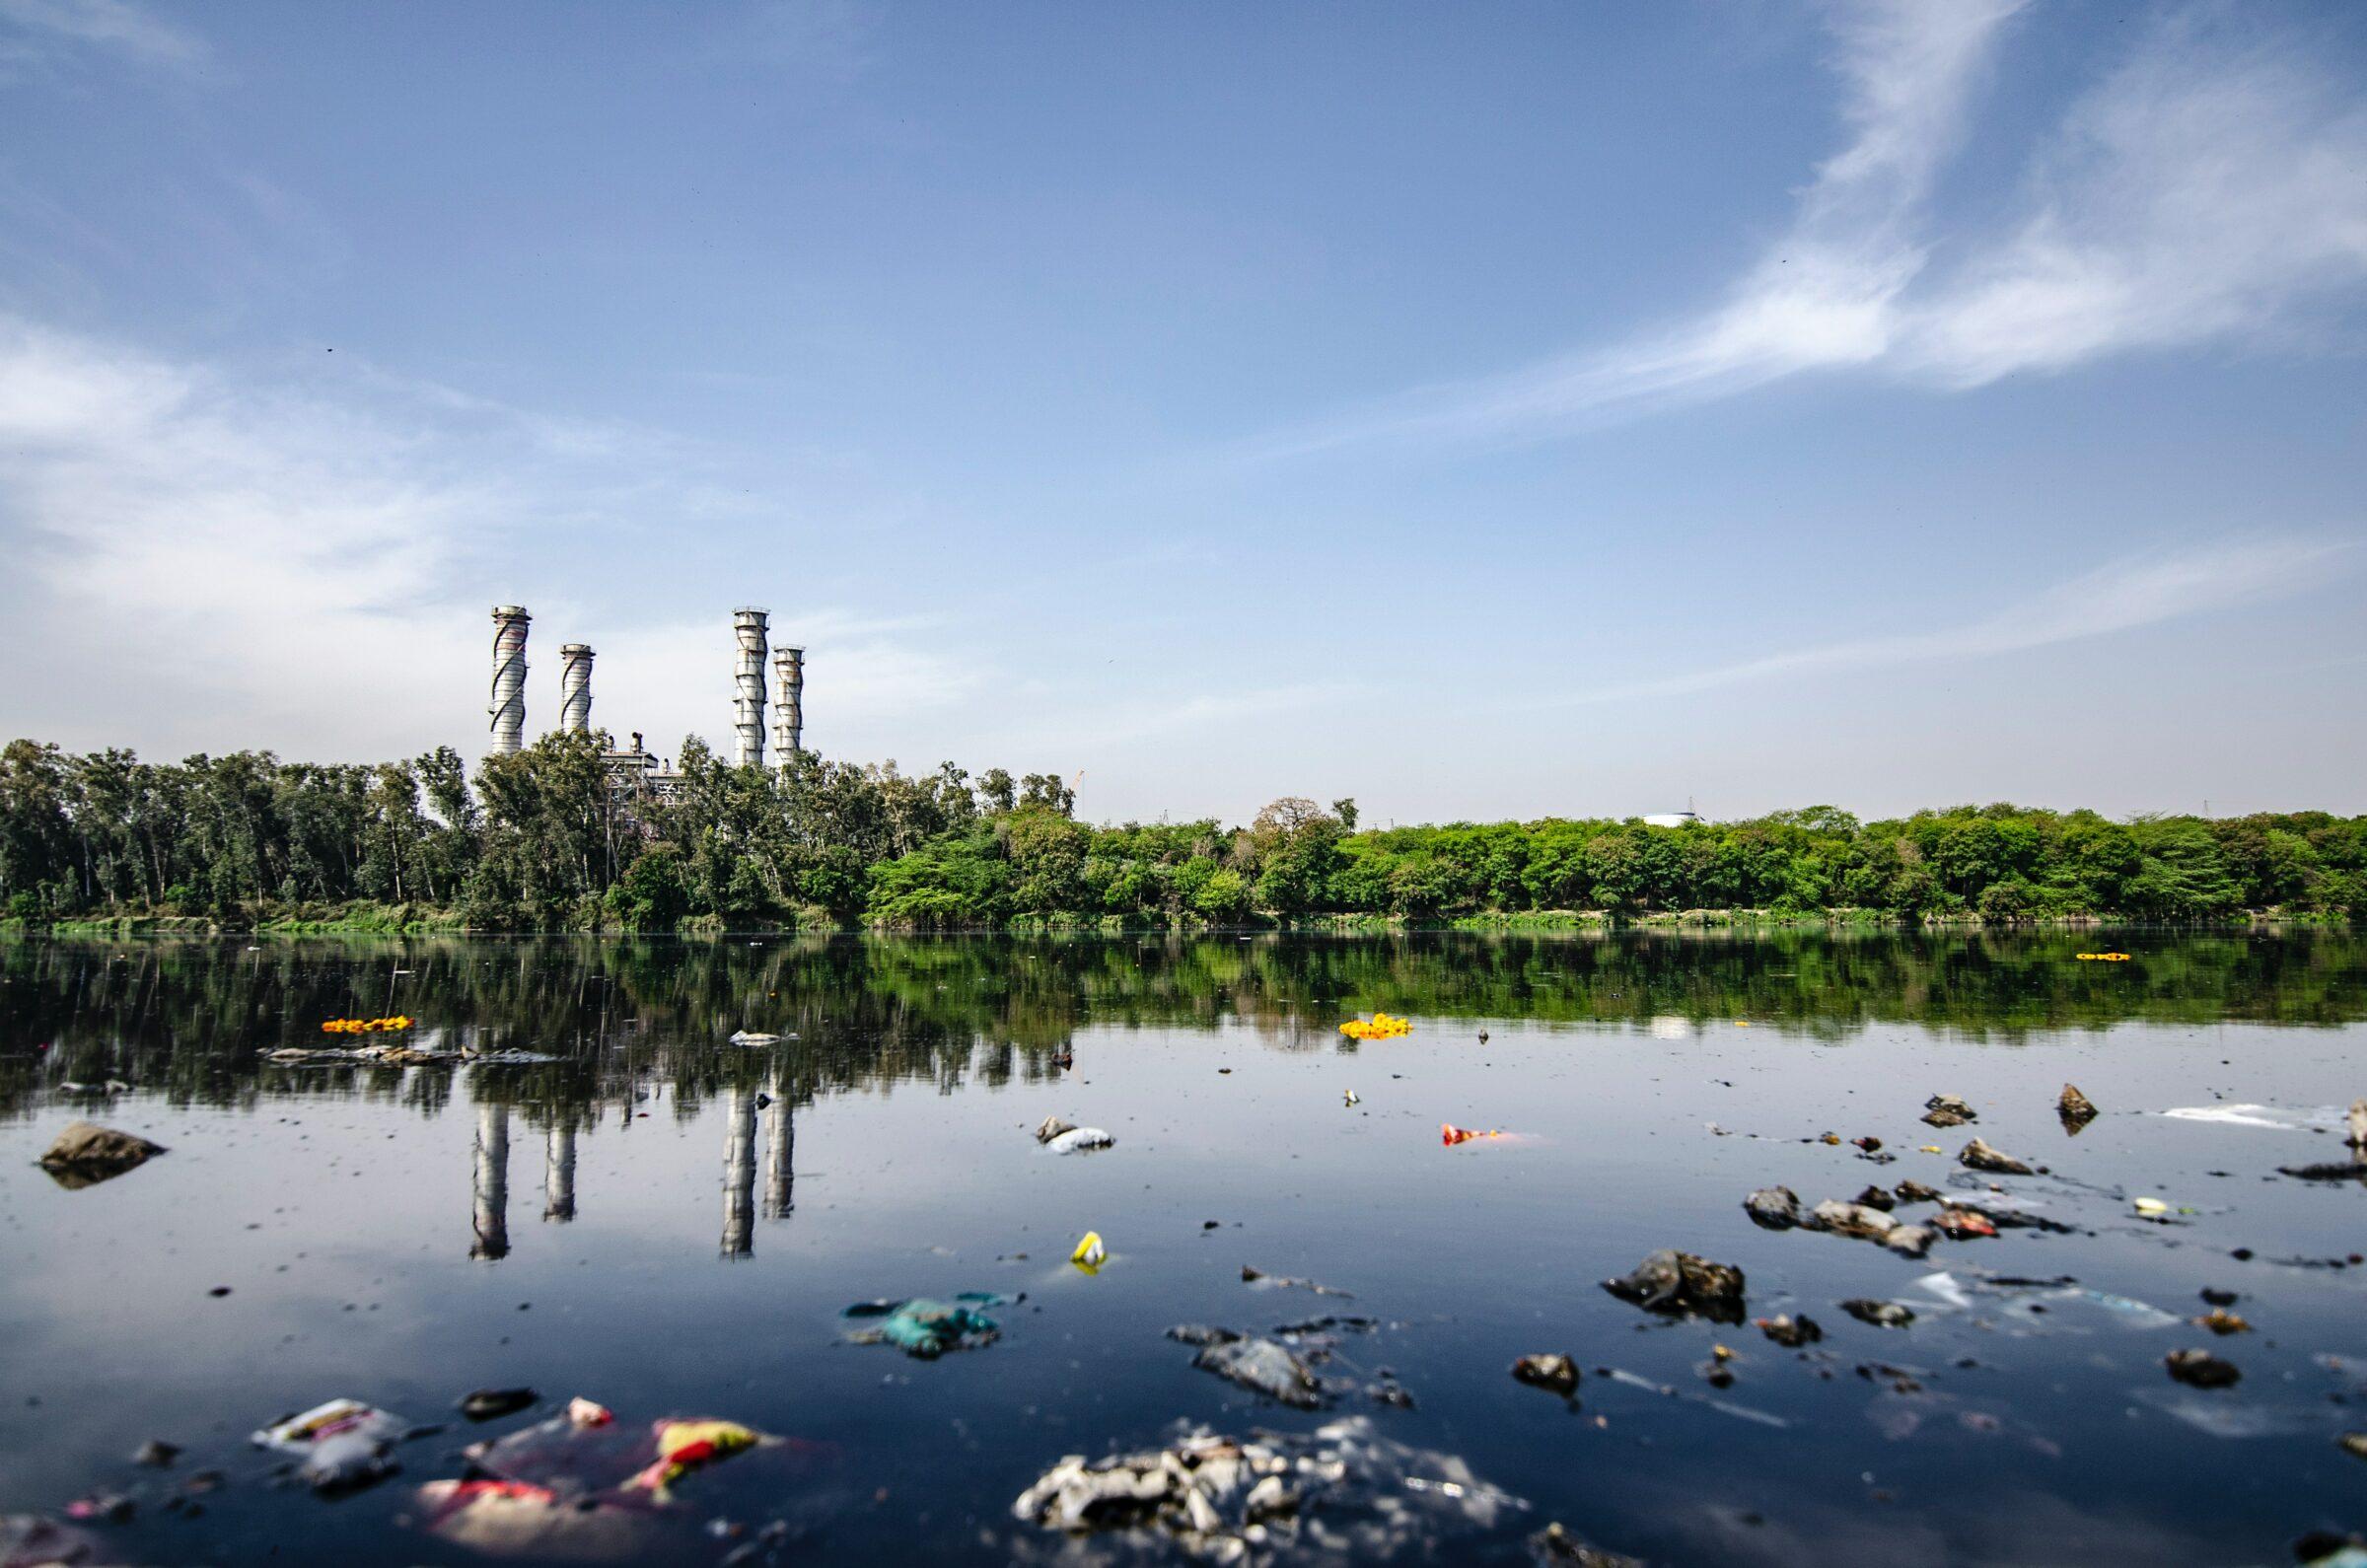 Mit Plastikmüll verschmutztes Gewässer. Im Hintergrund sind Schornsteine einer Fabrik zu sehen.